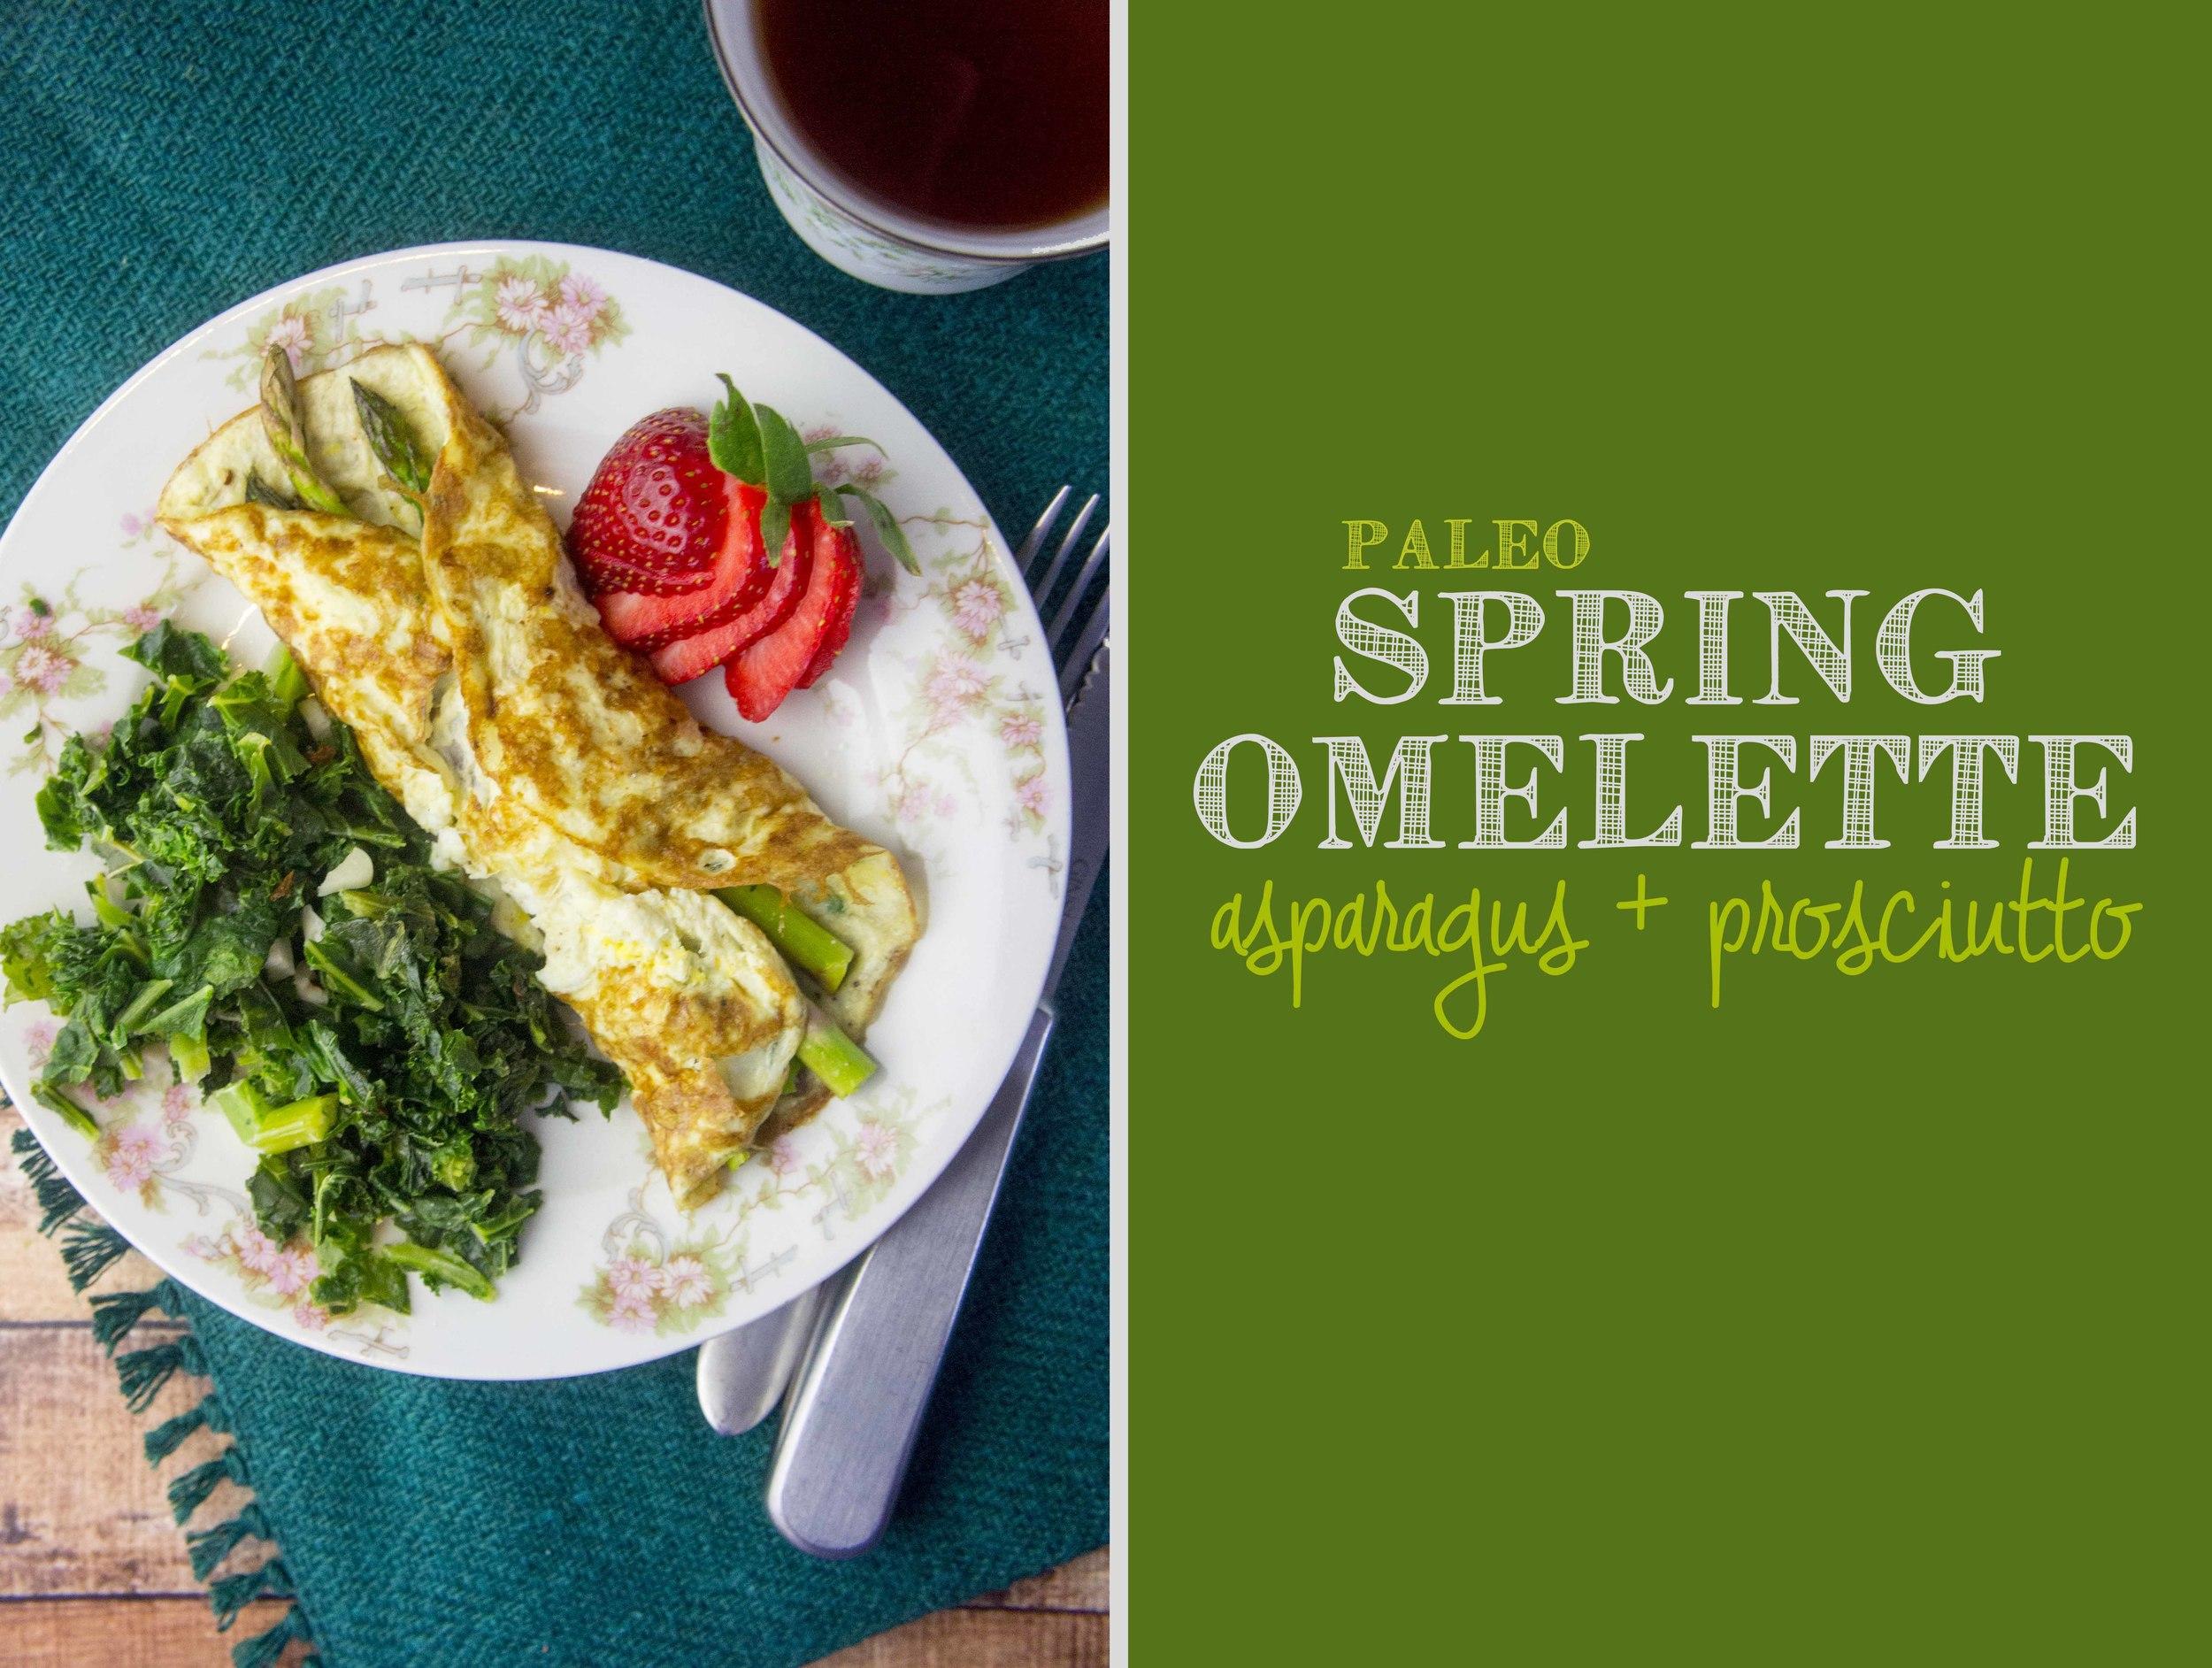 Paleo Spring Omelette